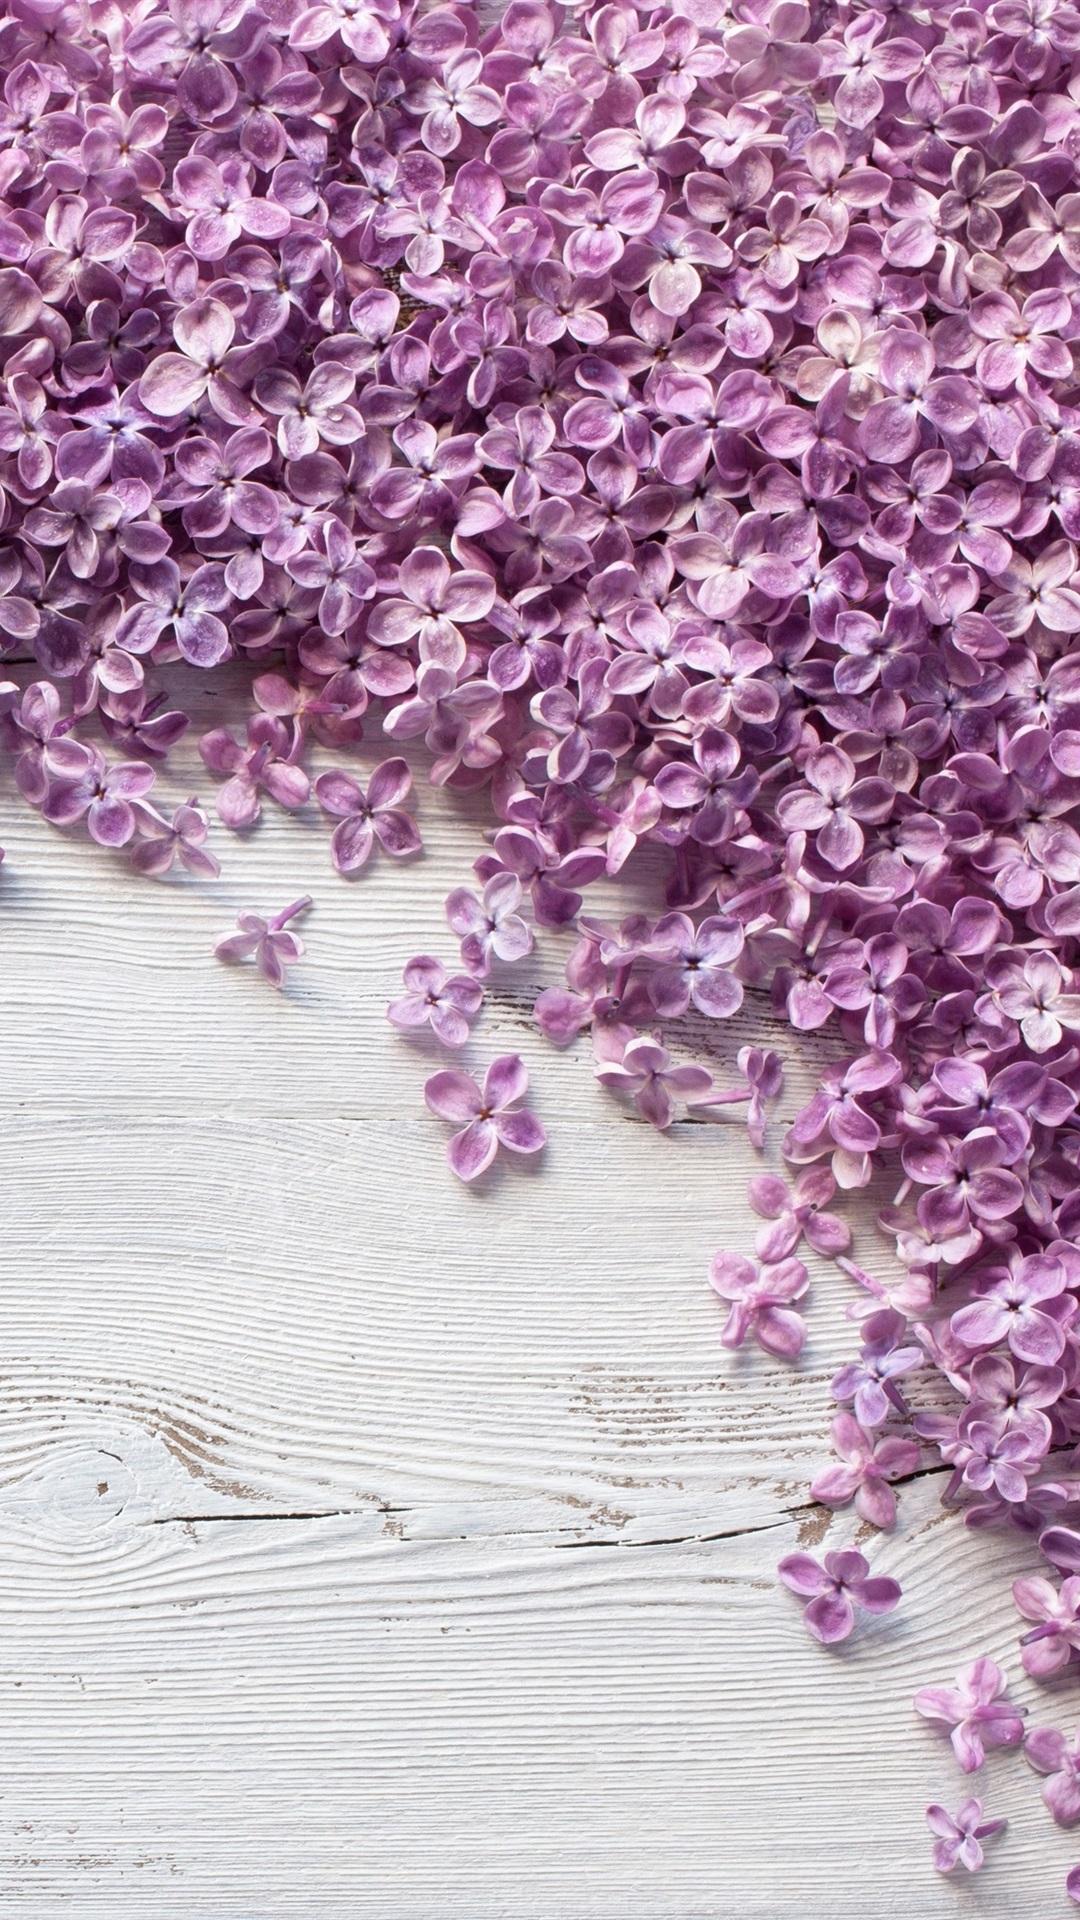 Viele Purpurroten Lila Blumen Auf Holzernem Brett 3840x2160 Uhd 4k Hintergrundbilder Hd Bild